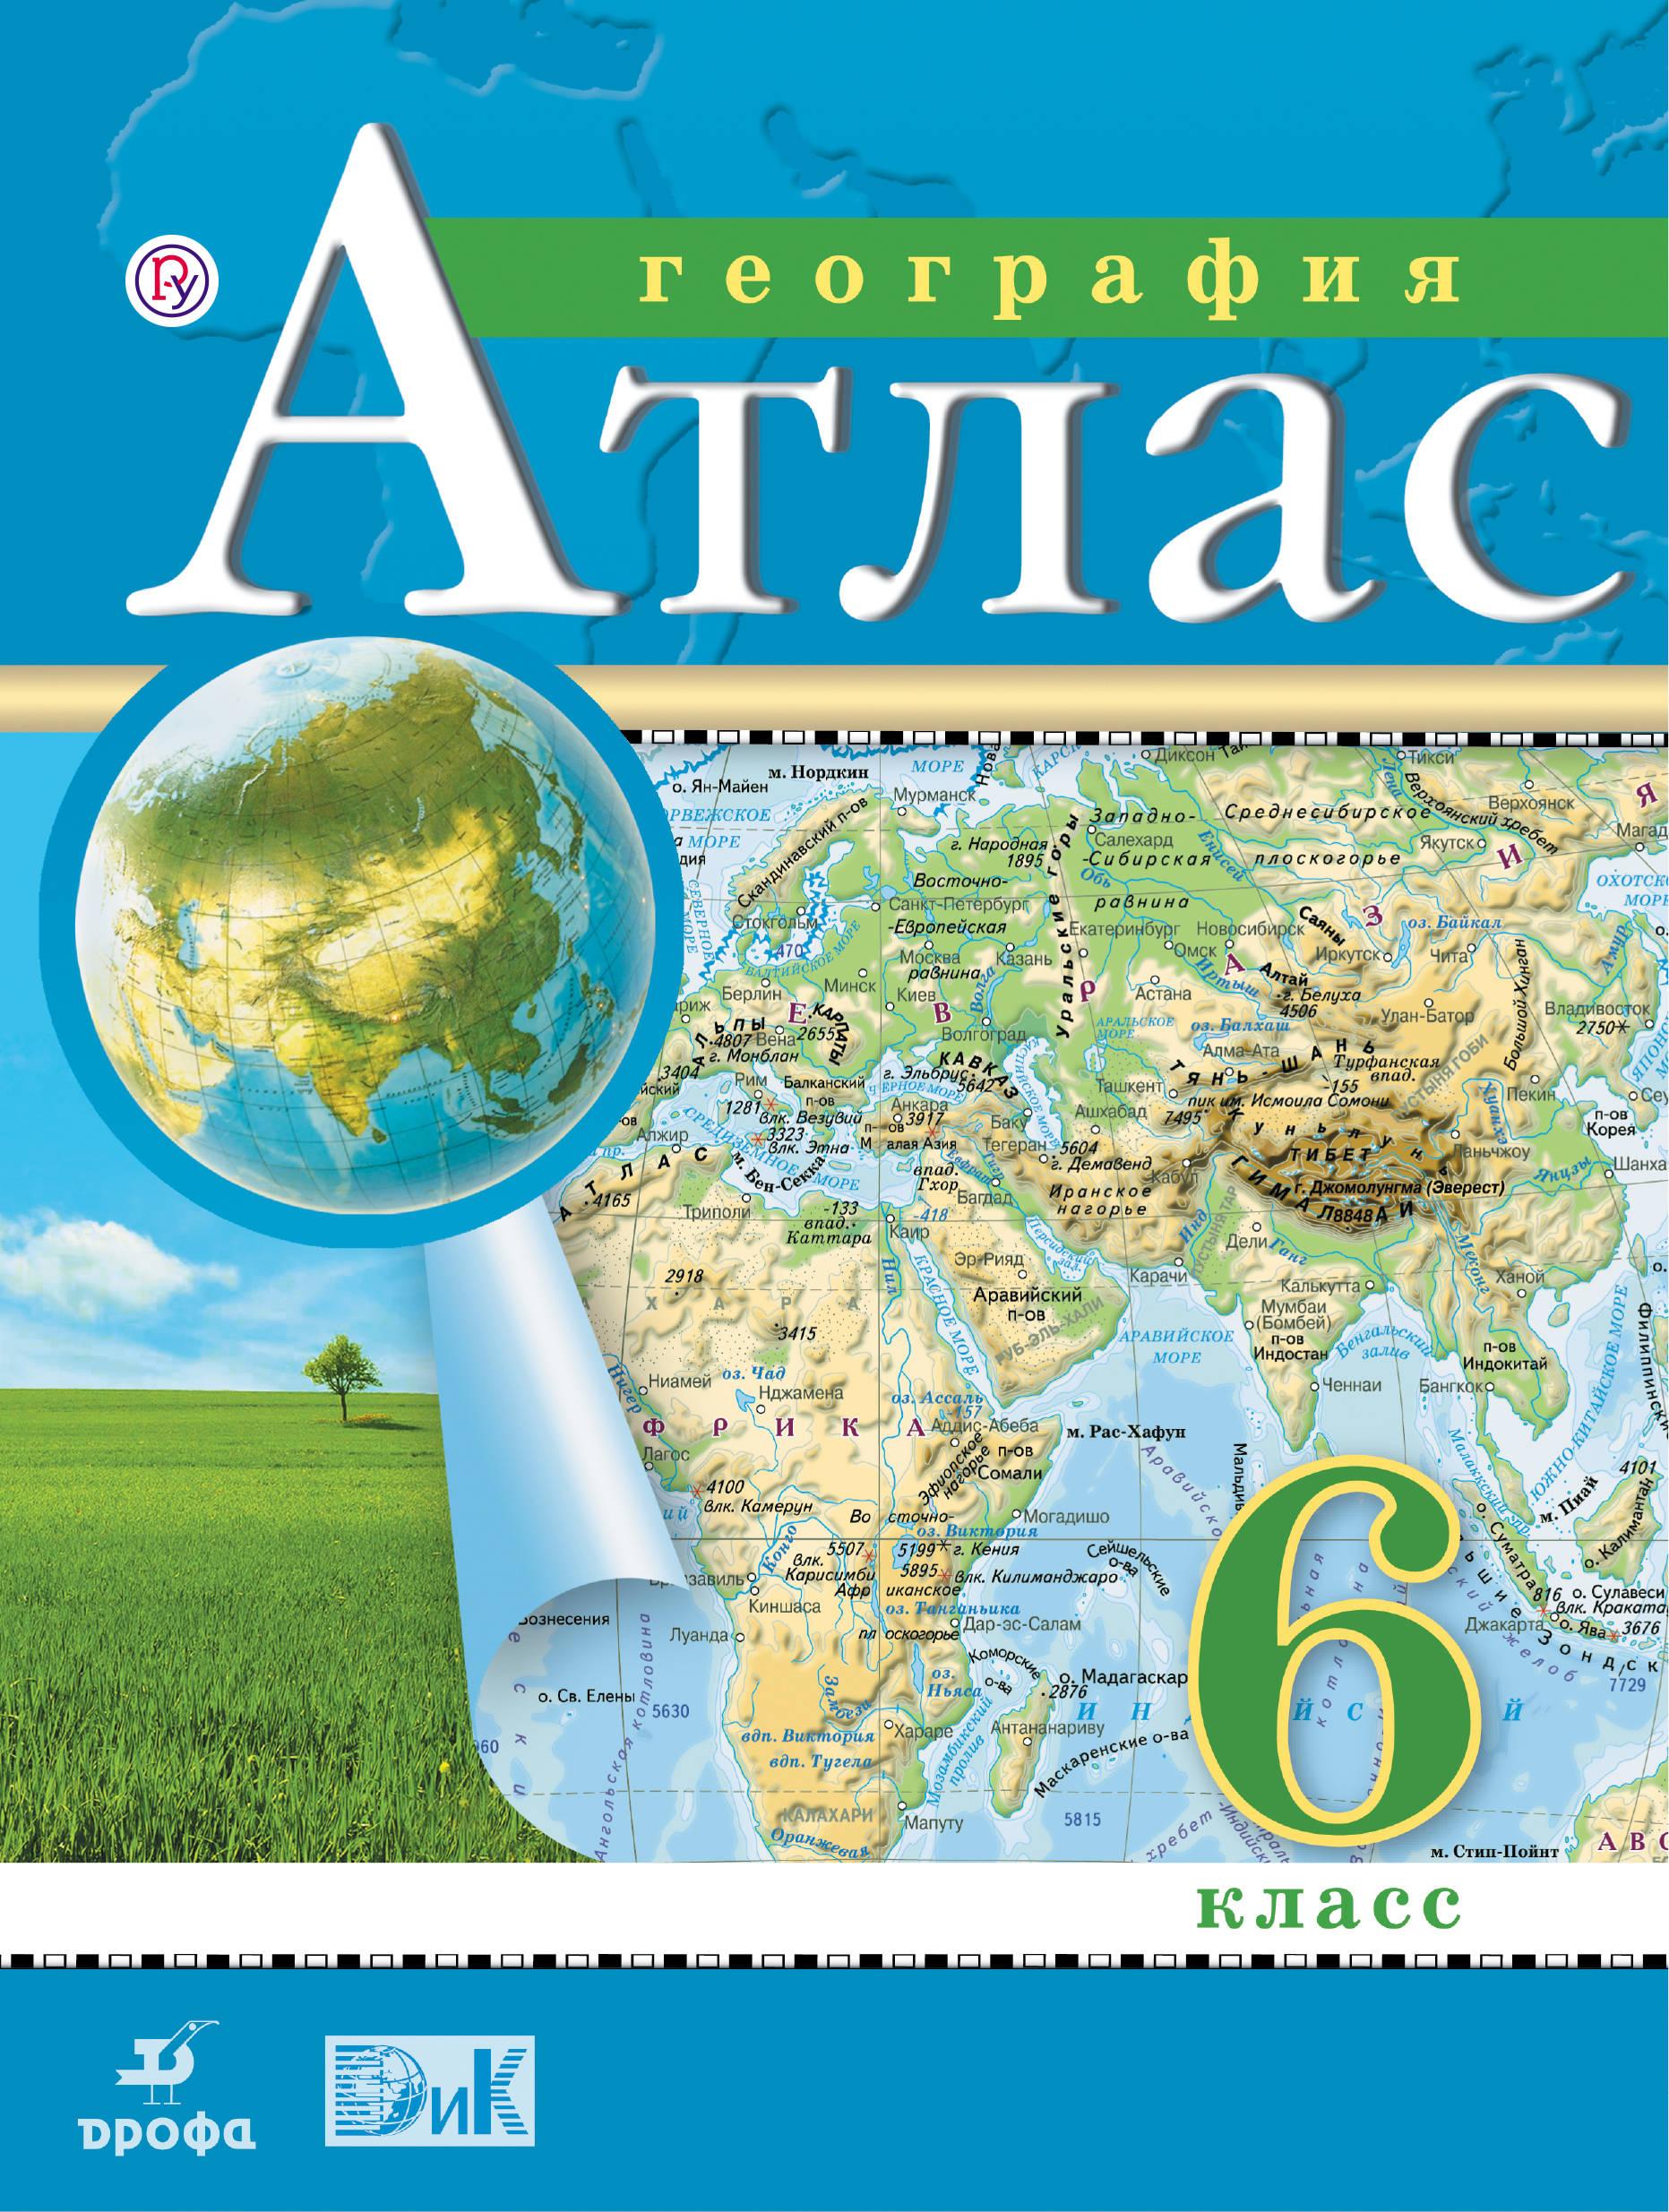 Атлас география 6 класс скачать бесплатно